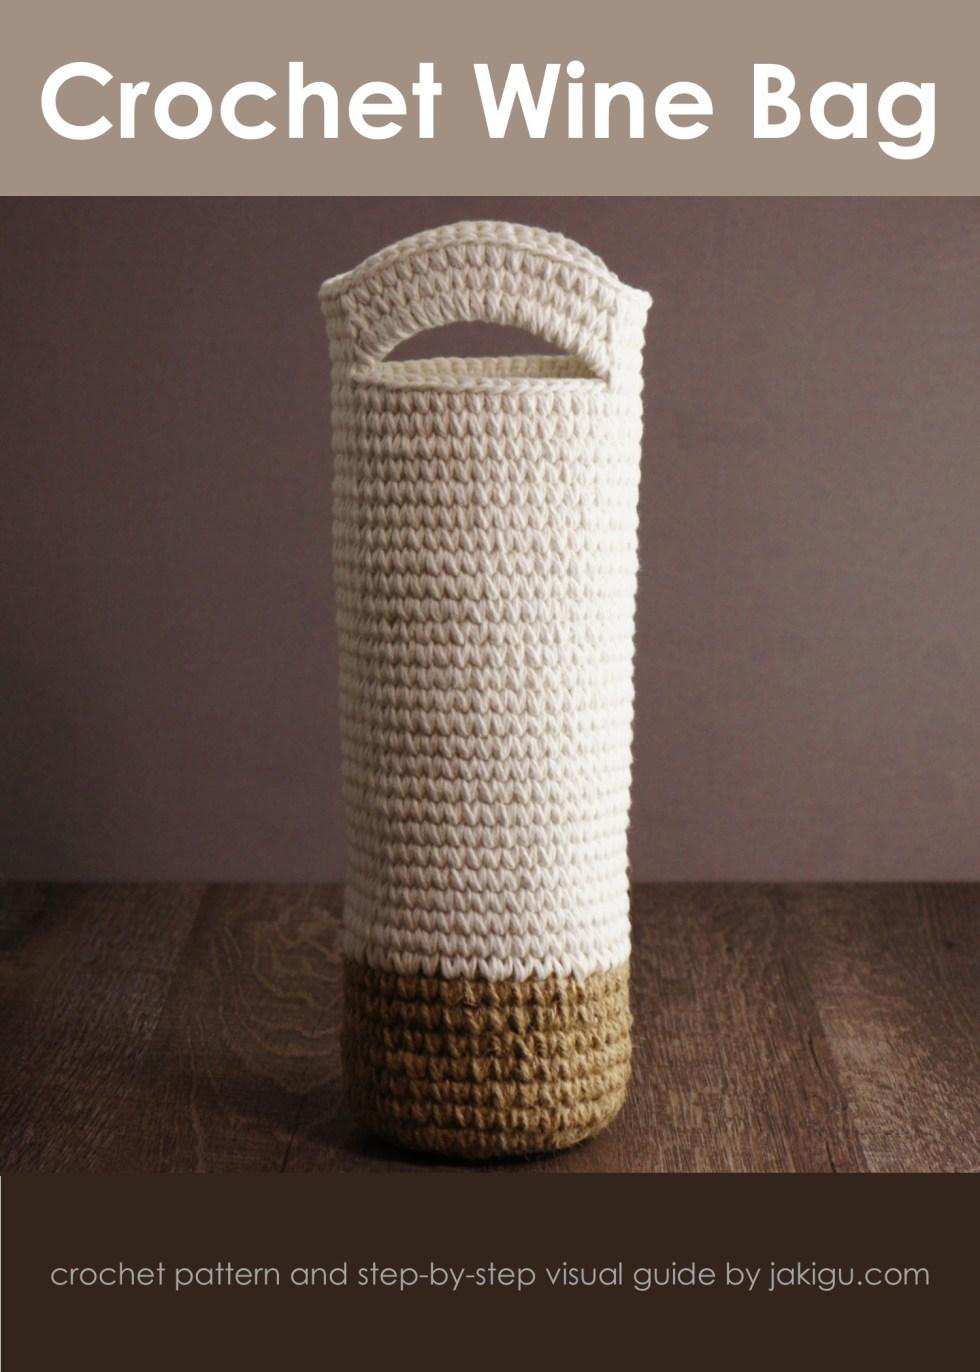 Crochet wine bag pattern by jakigu.com